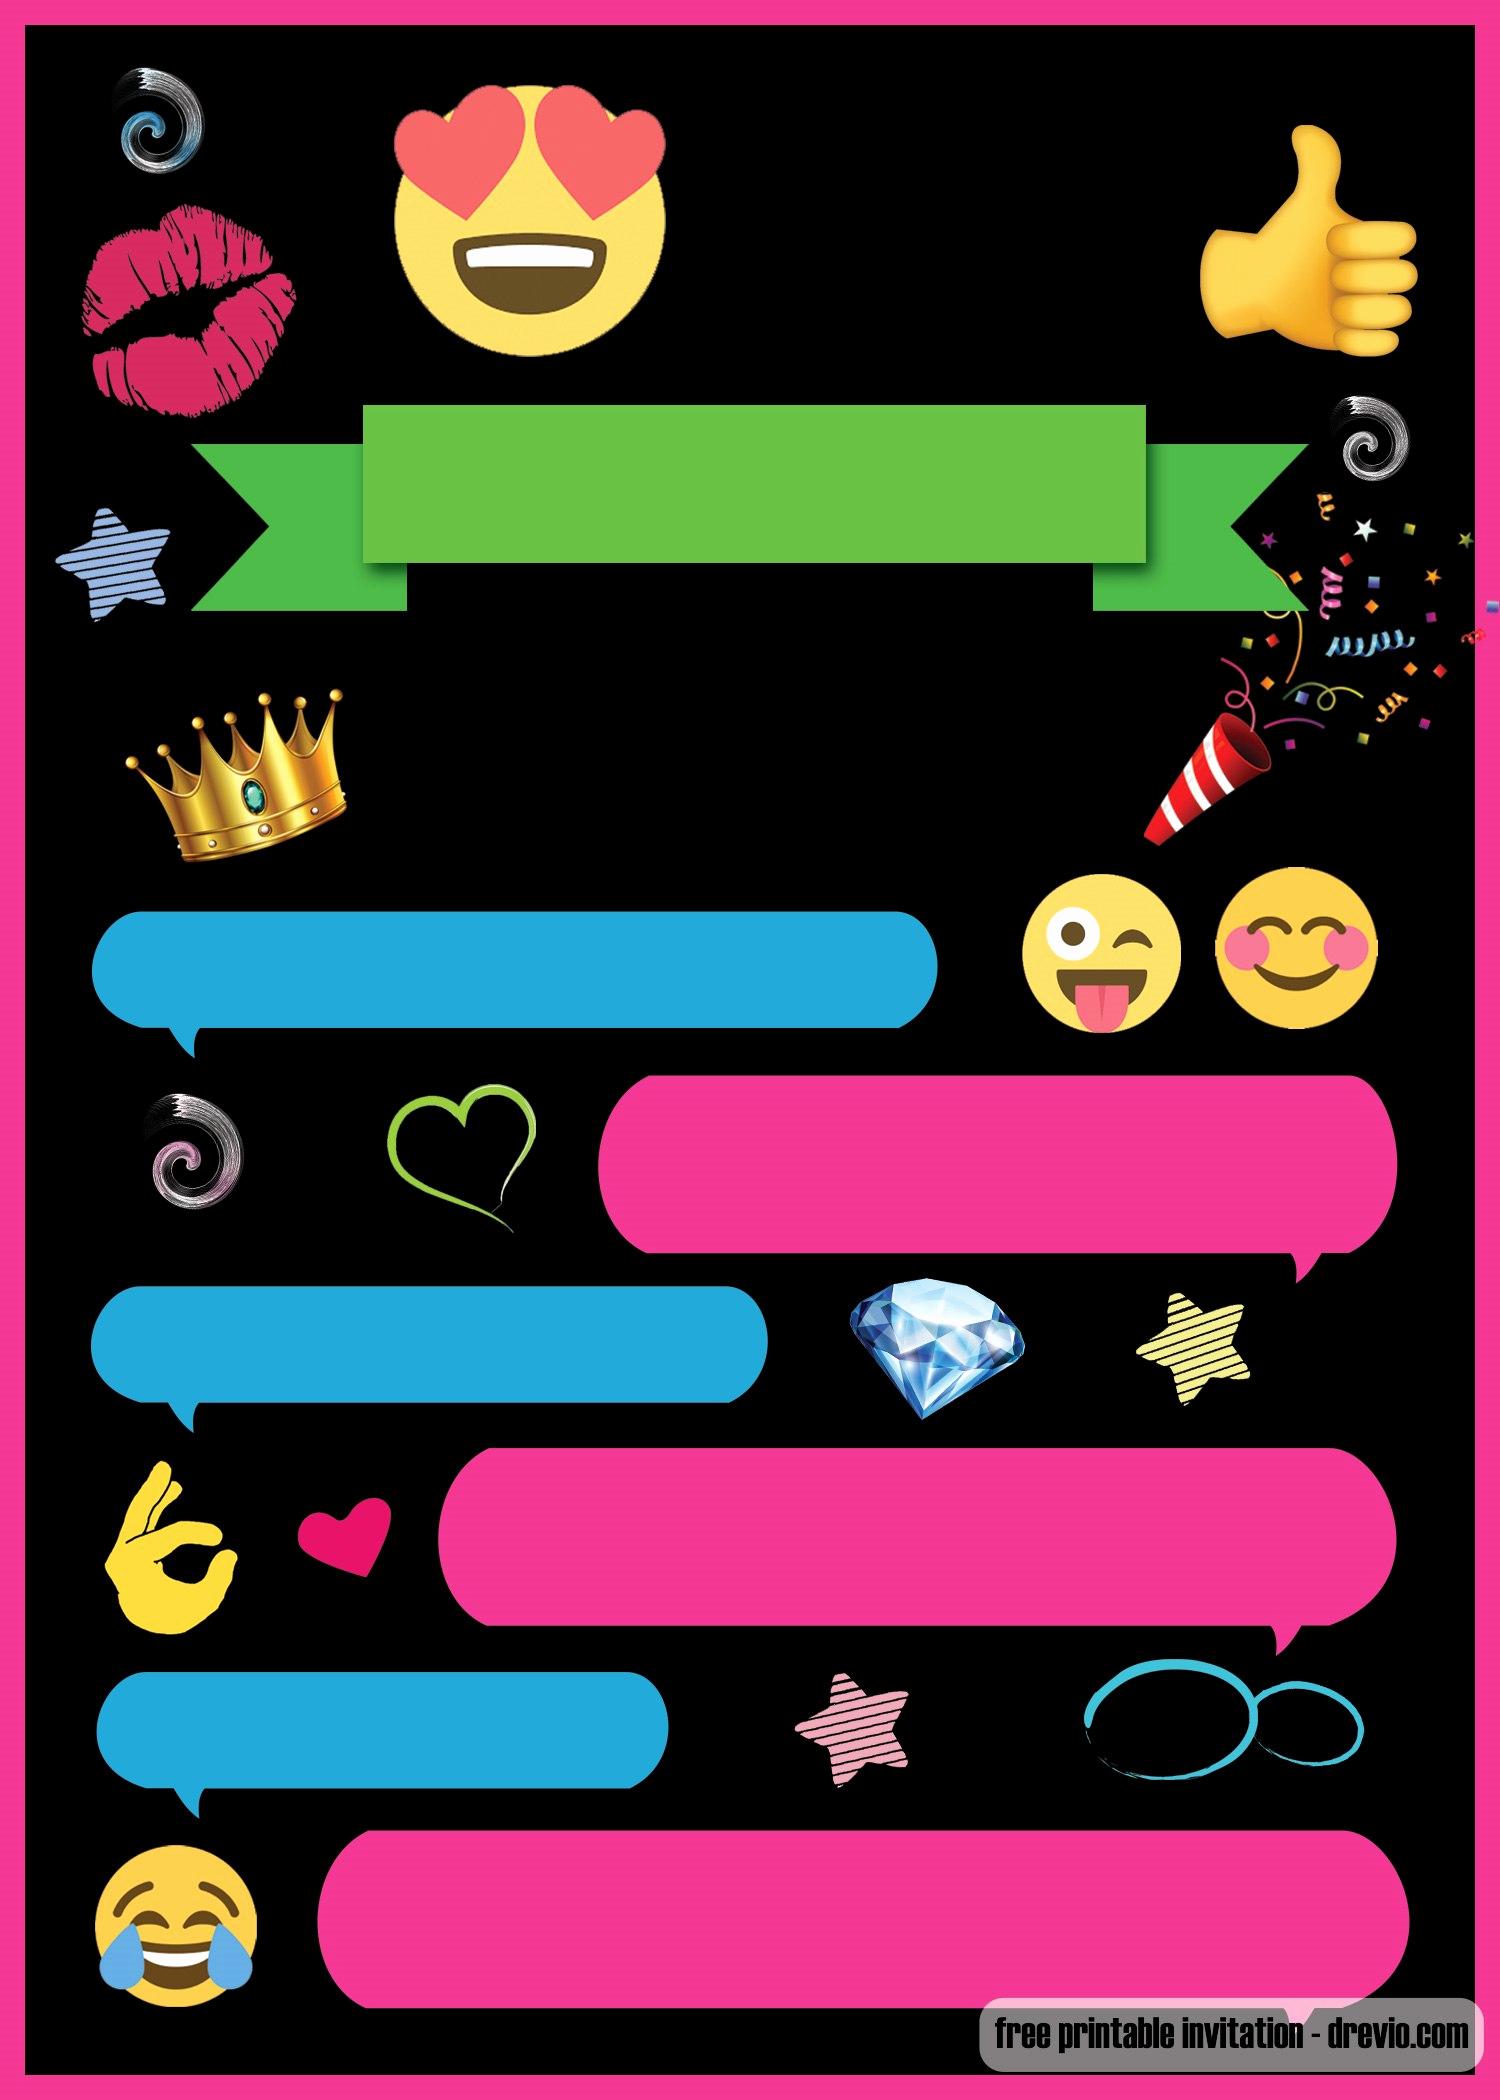 Emoji Birthday Invitation Template Elegant Free Printable Emoji Chat Invitation Template